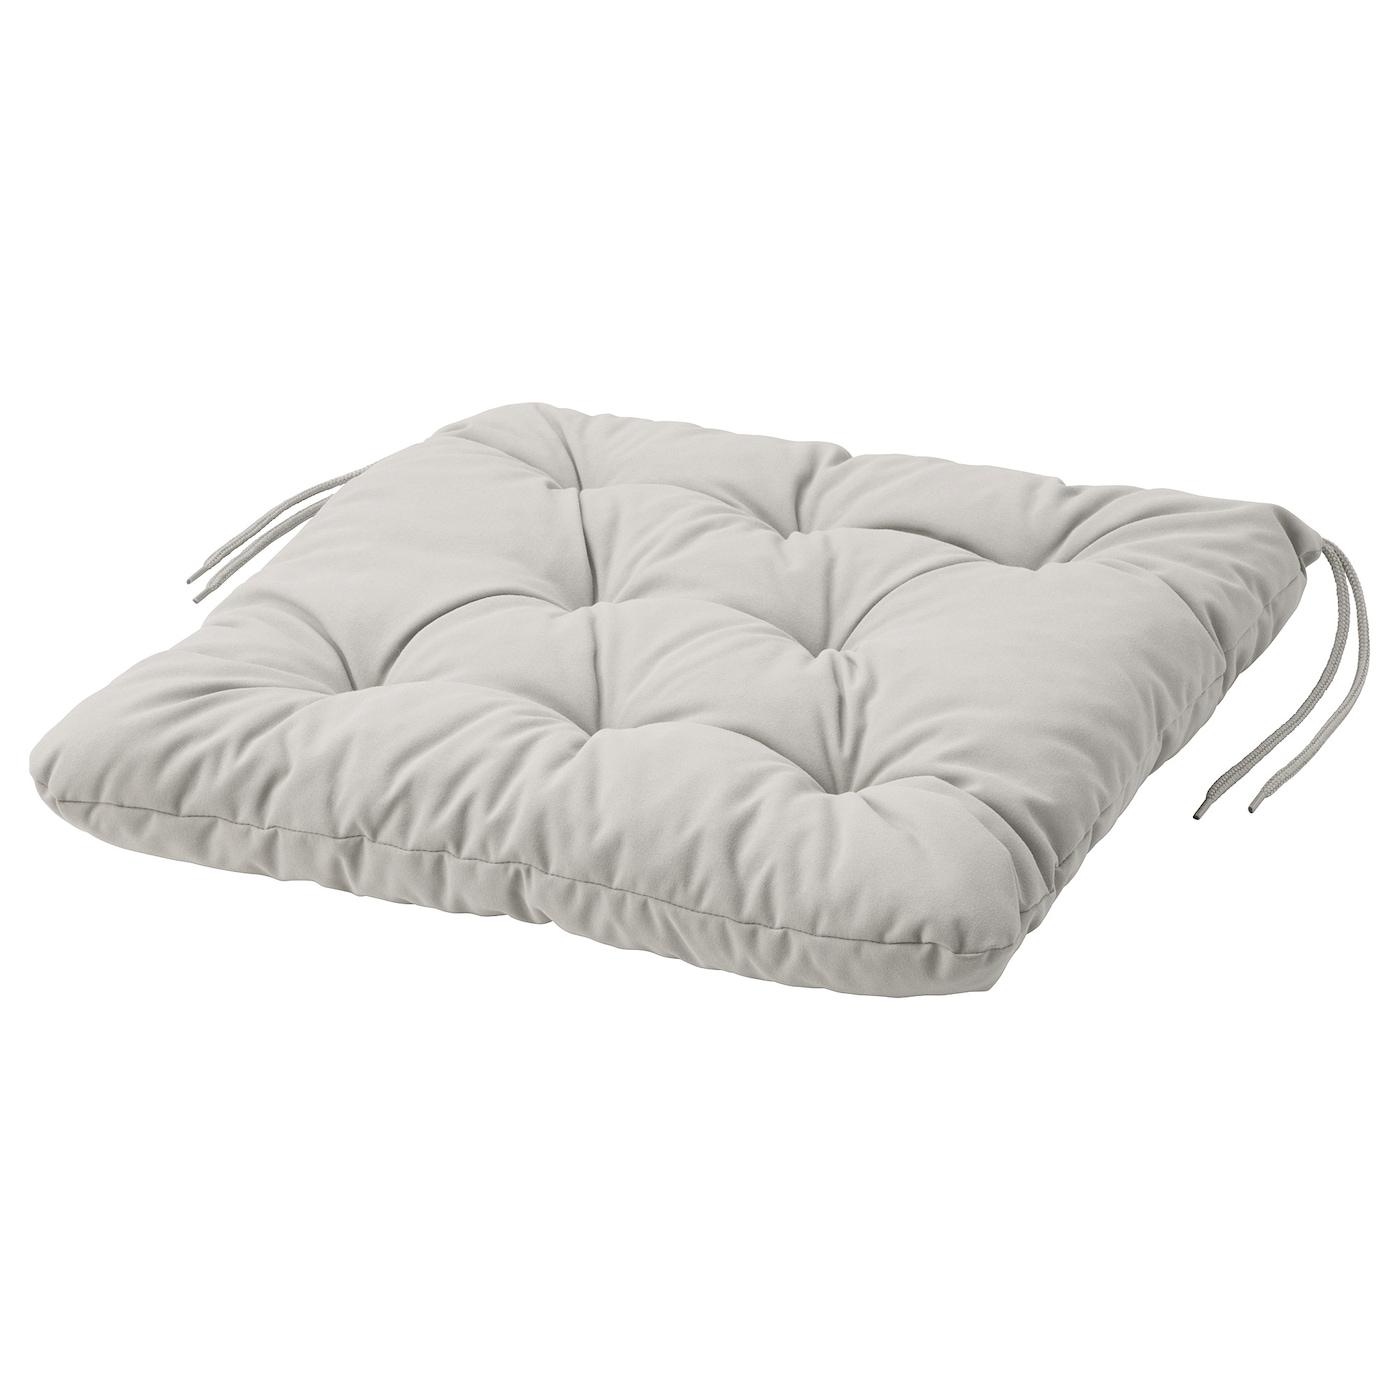 KUDDARNA Coussin de chaise, extérieur - gris 6x6 cm